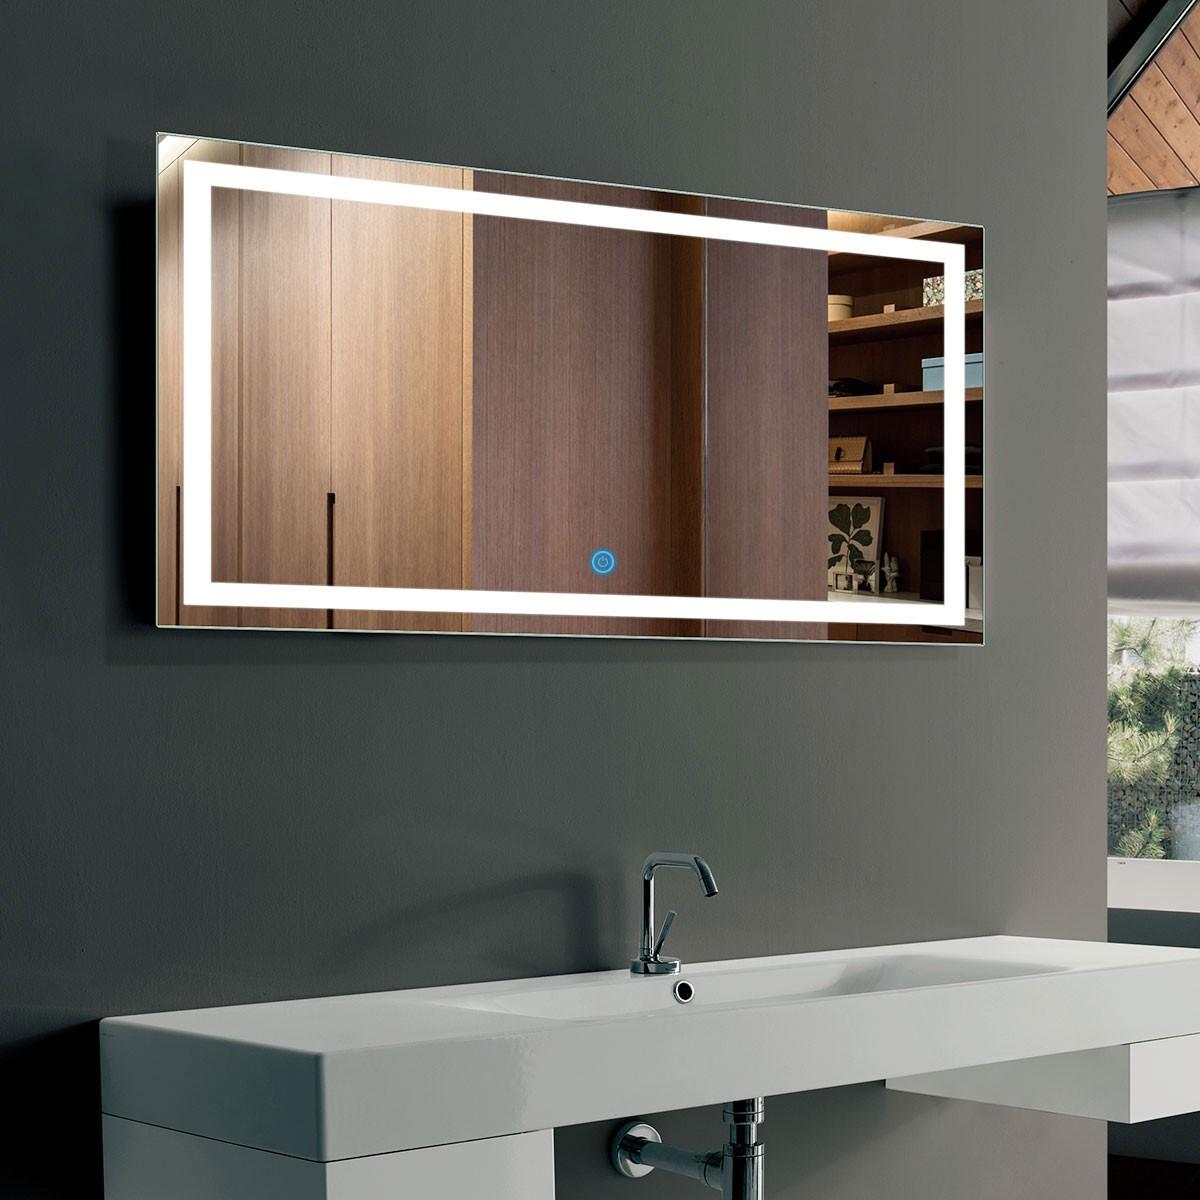 40 x 24 po miroir de salle de bain LED horizontal avec bouton tactile (DK-OD-CK010-G)